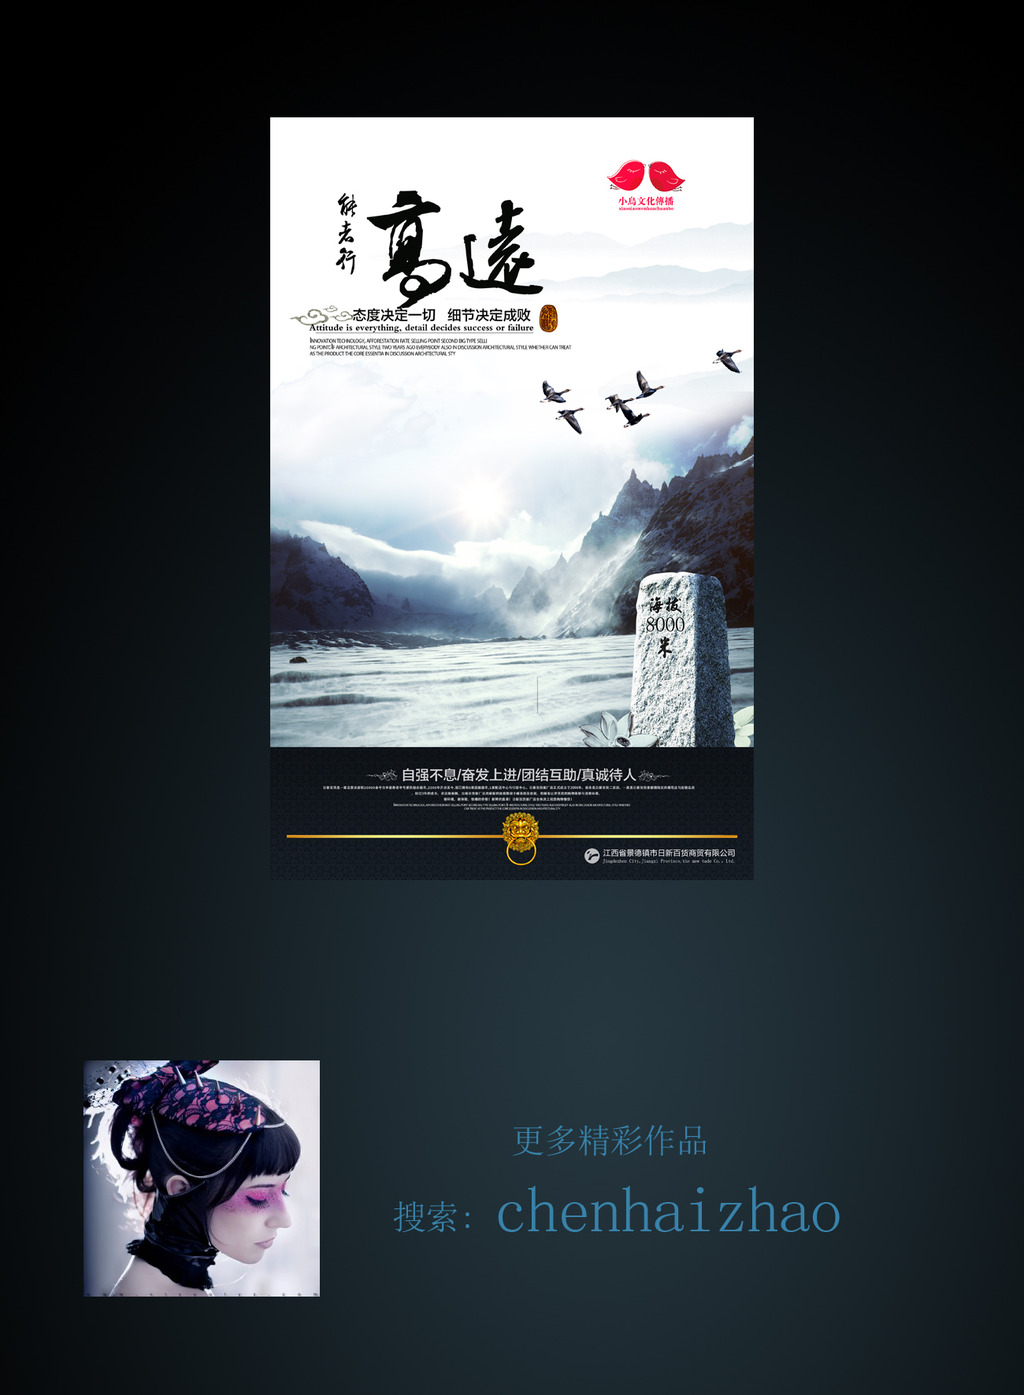 平面设计 海报设计 中国风海报 > 风景宣传海报  下一张&gt